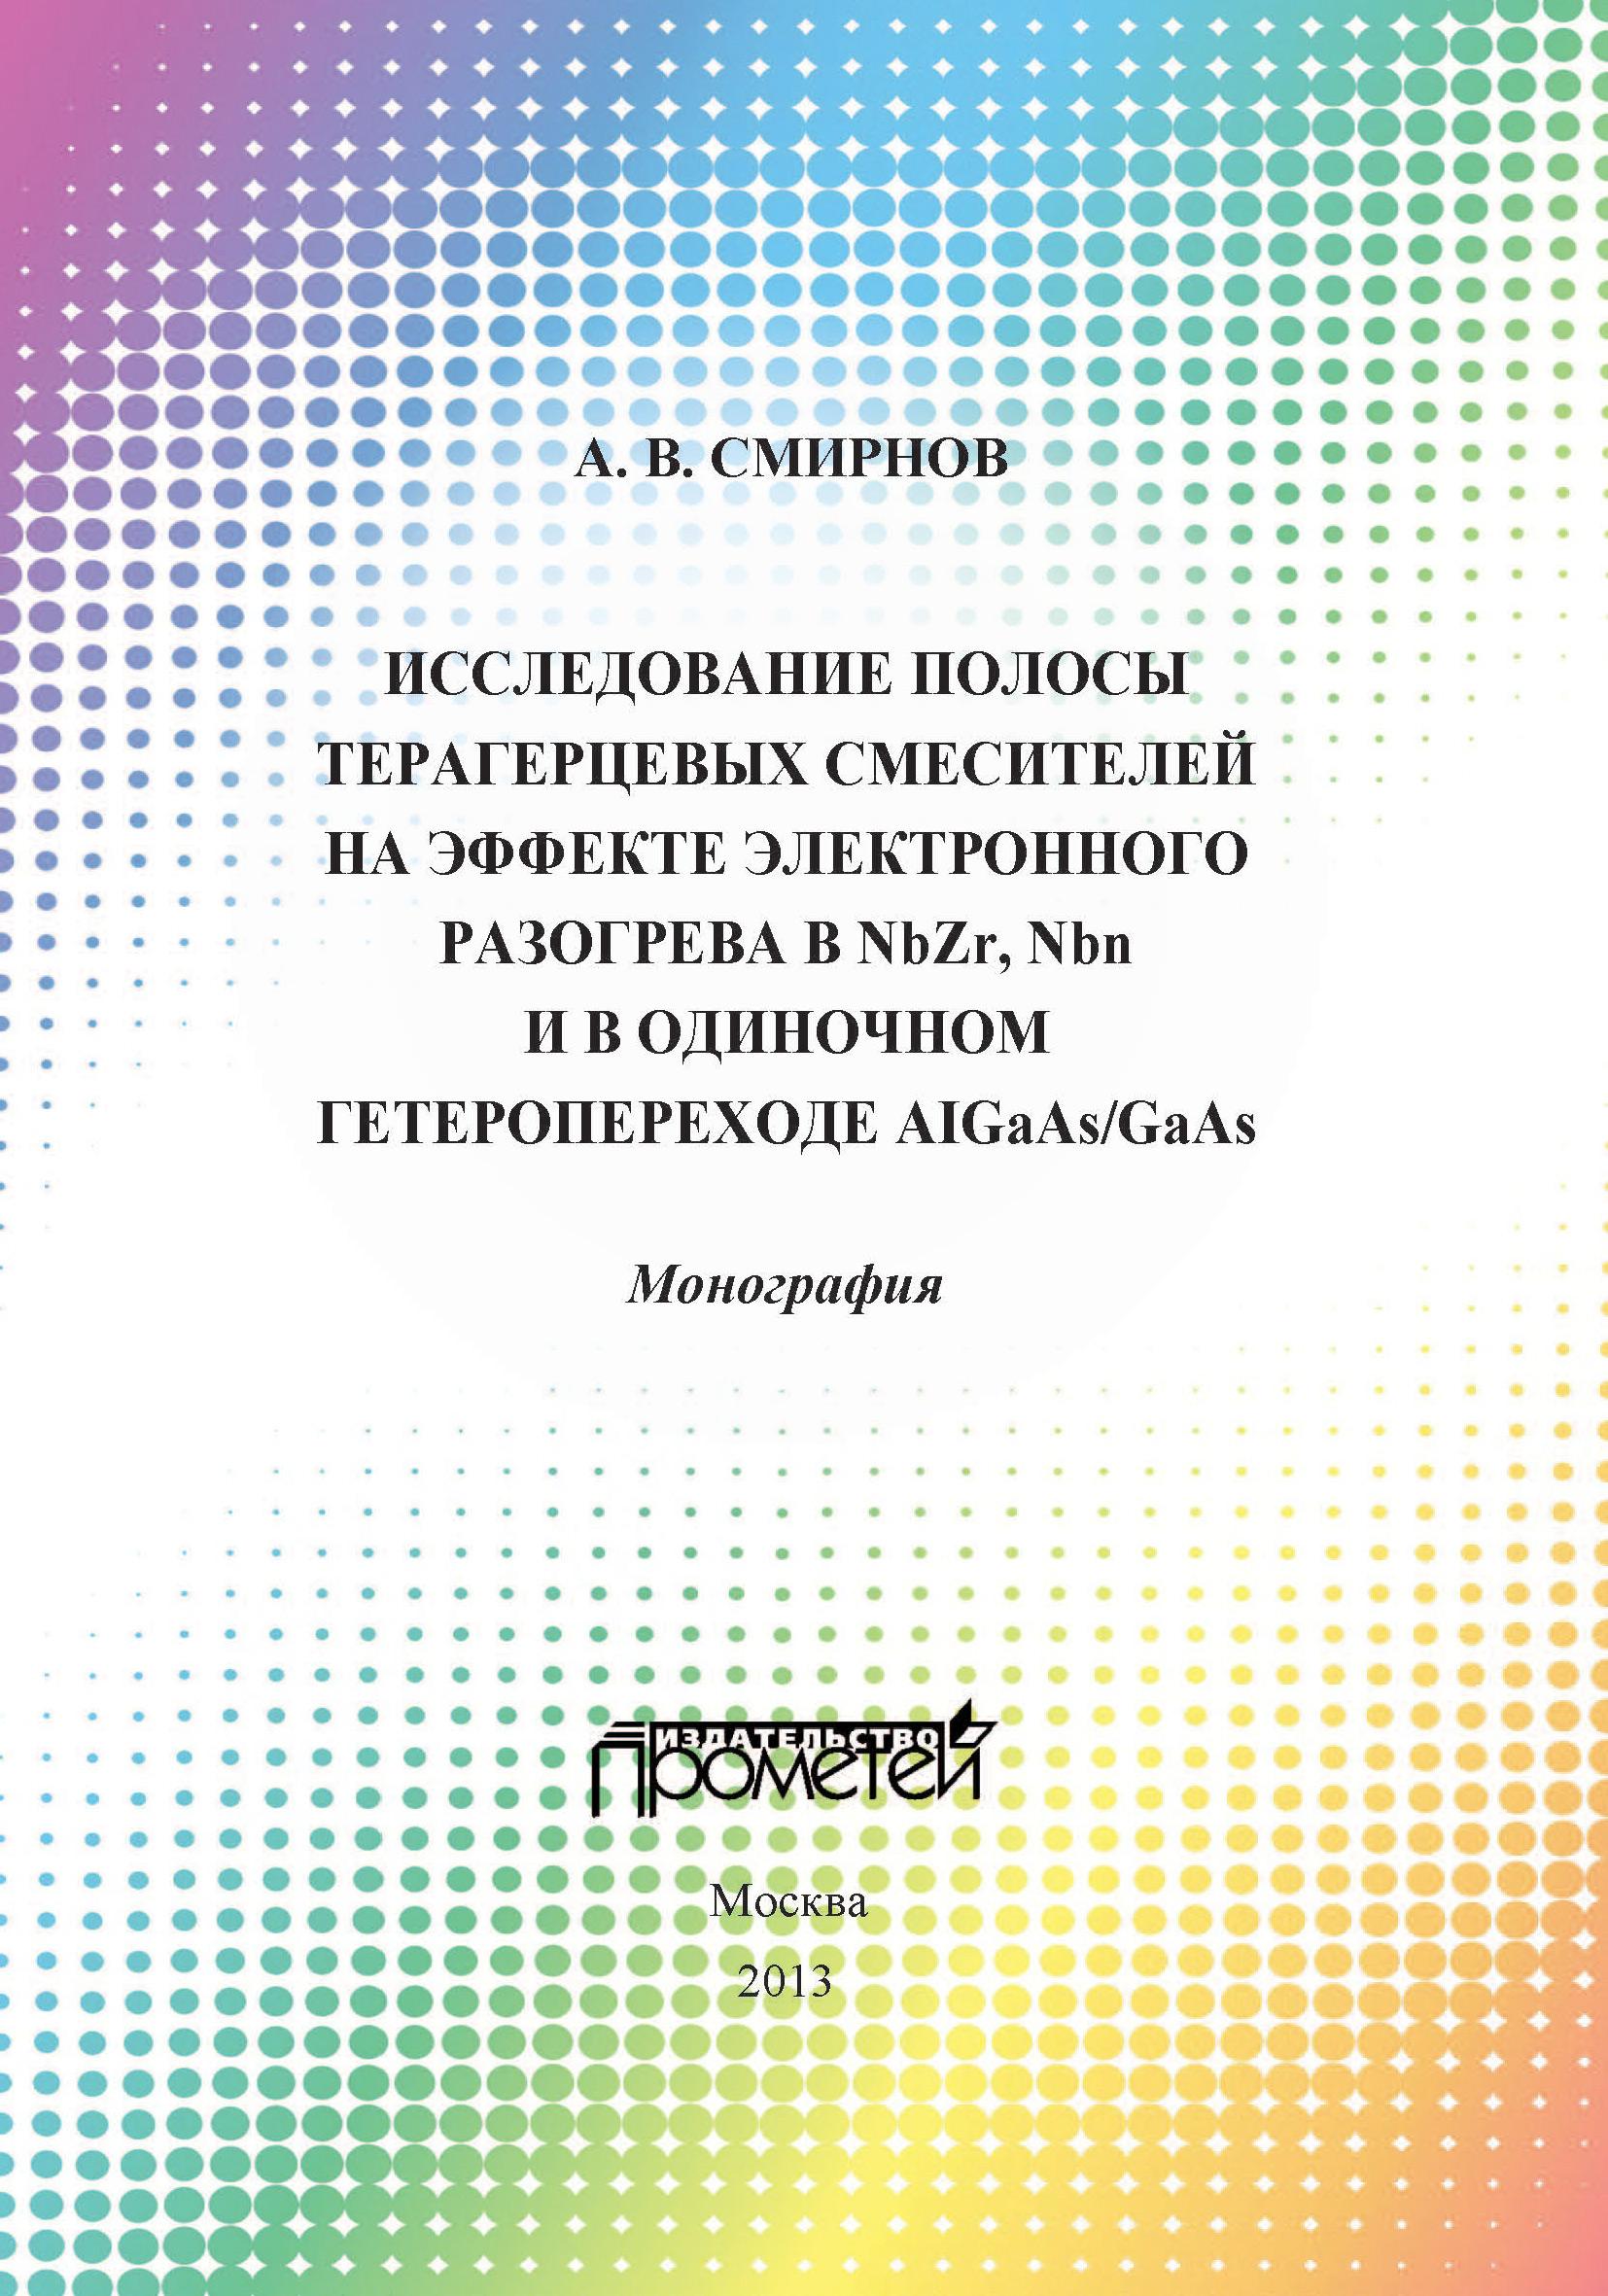 А. В. Смирнов Исследование полосы преобразования терагерцовых смесителей на эффекте электронного разогрева в NbZr, NbN и в одиночном гетеропереходе AlGaAs/GaAs